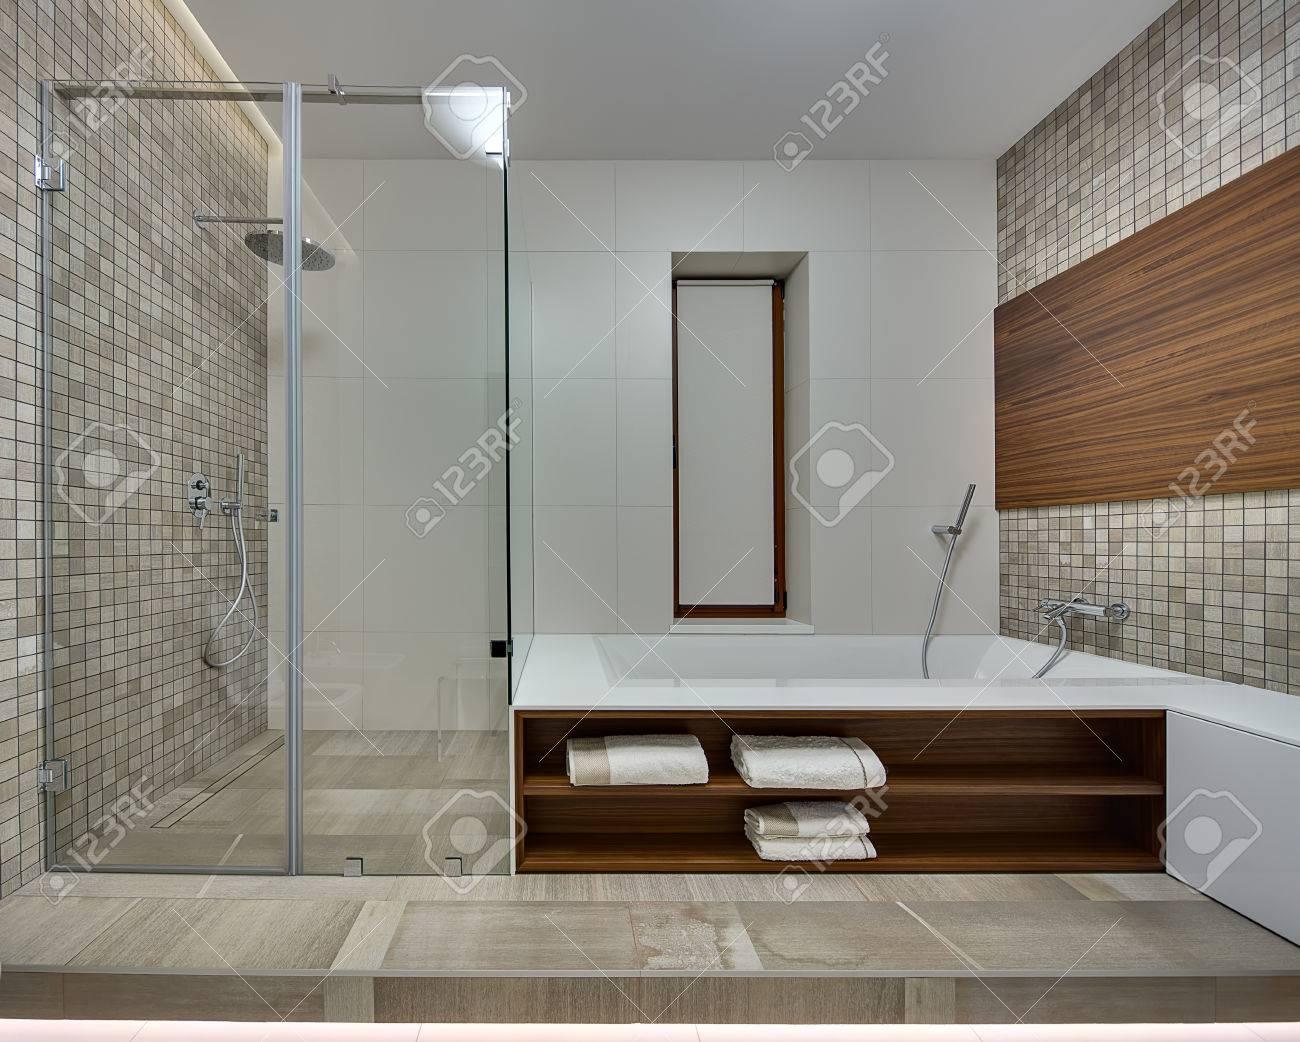 Die Seitenwände Ist Mit Braun Beige Mosaik Und Einer Holzplatte Dekoriert.  Auf Der Rechten Seite Befindet Sich Ein Weißes Bad Mit Holz ...